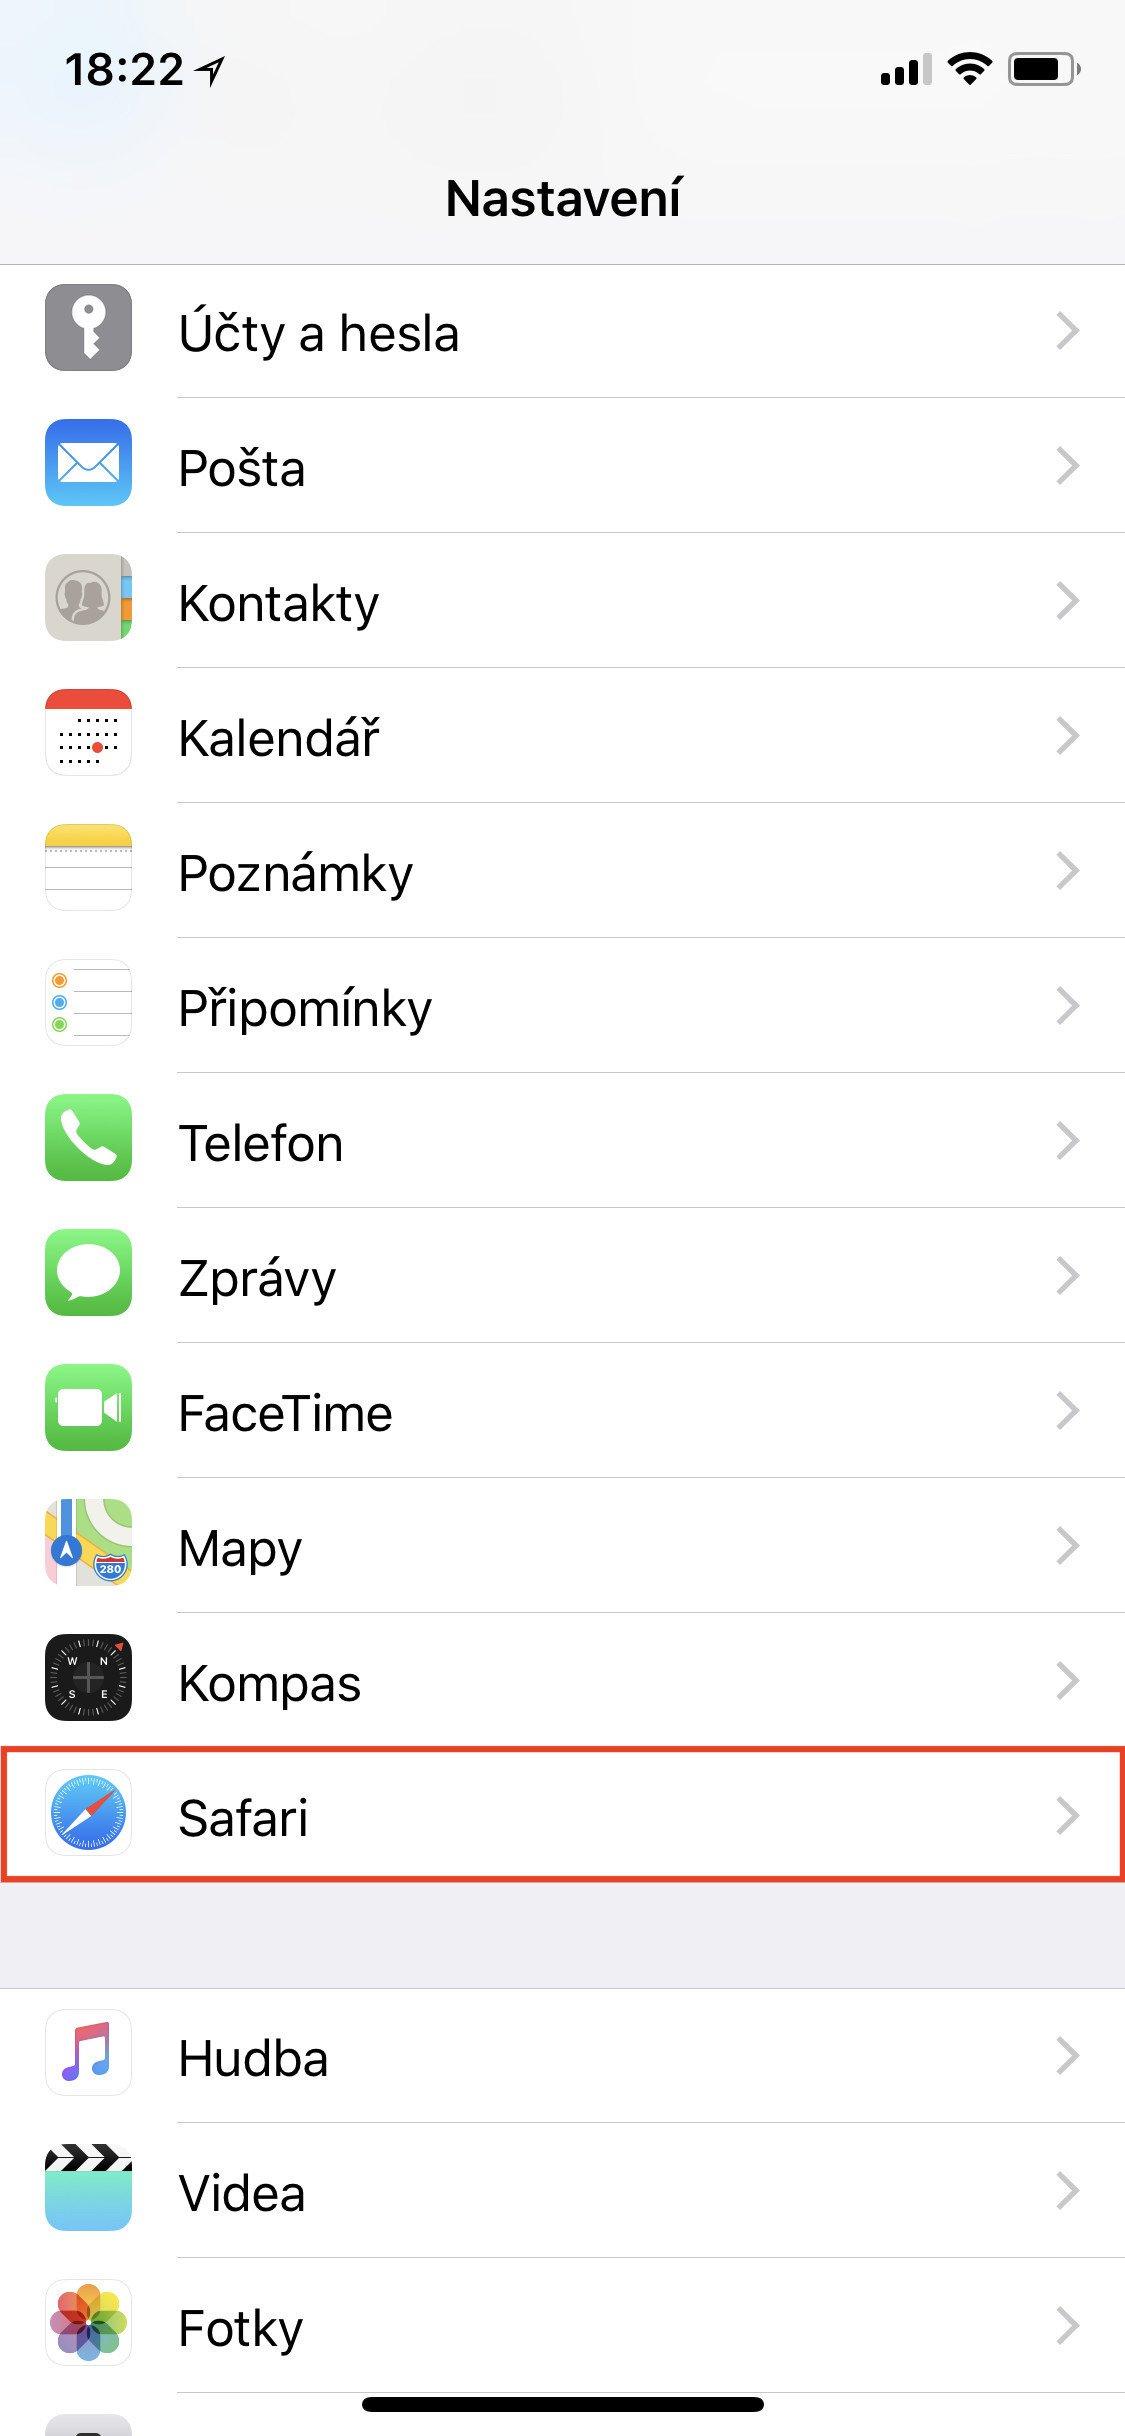 Obrazovka nastavení iOS s vybranou položkou Safari